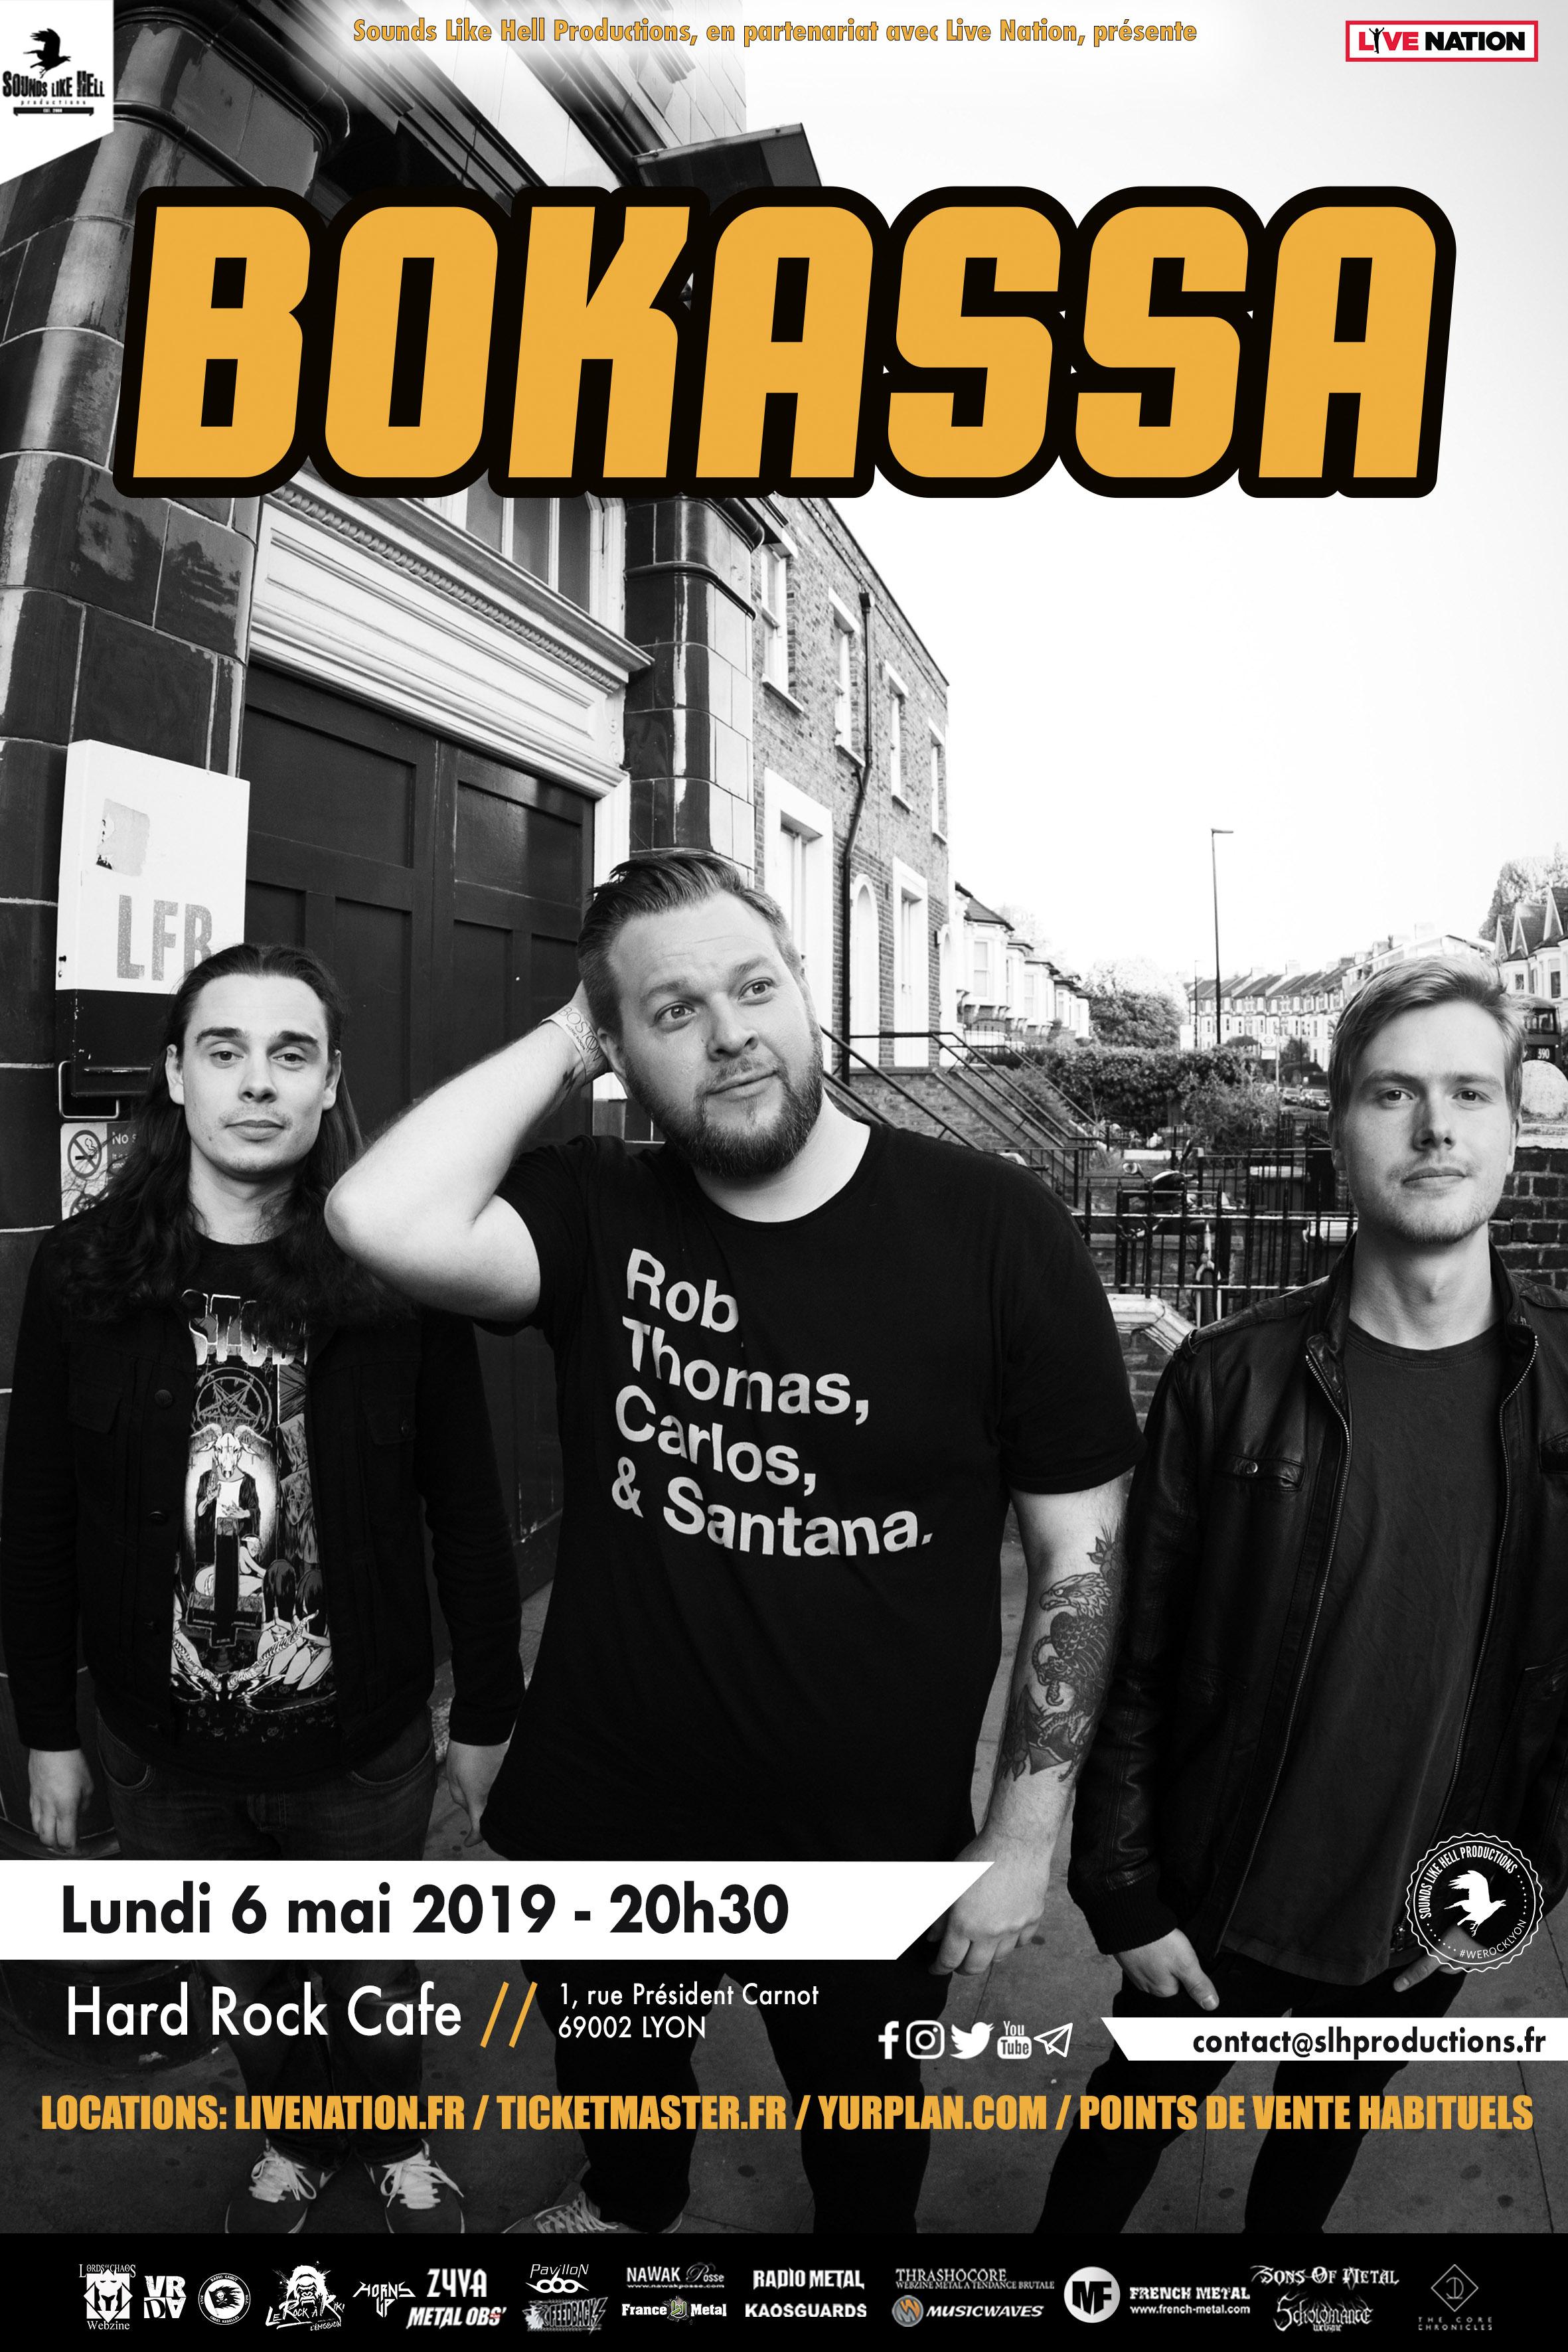 Bokassa @ Hard Rock Café (Lyon) - 06 mai 2019